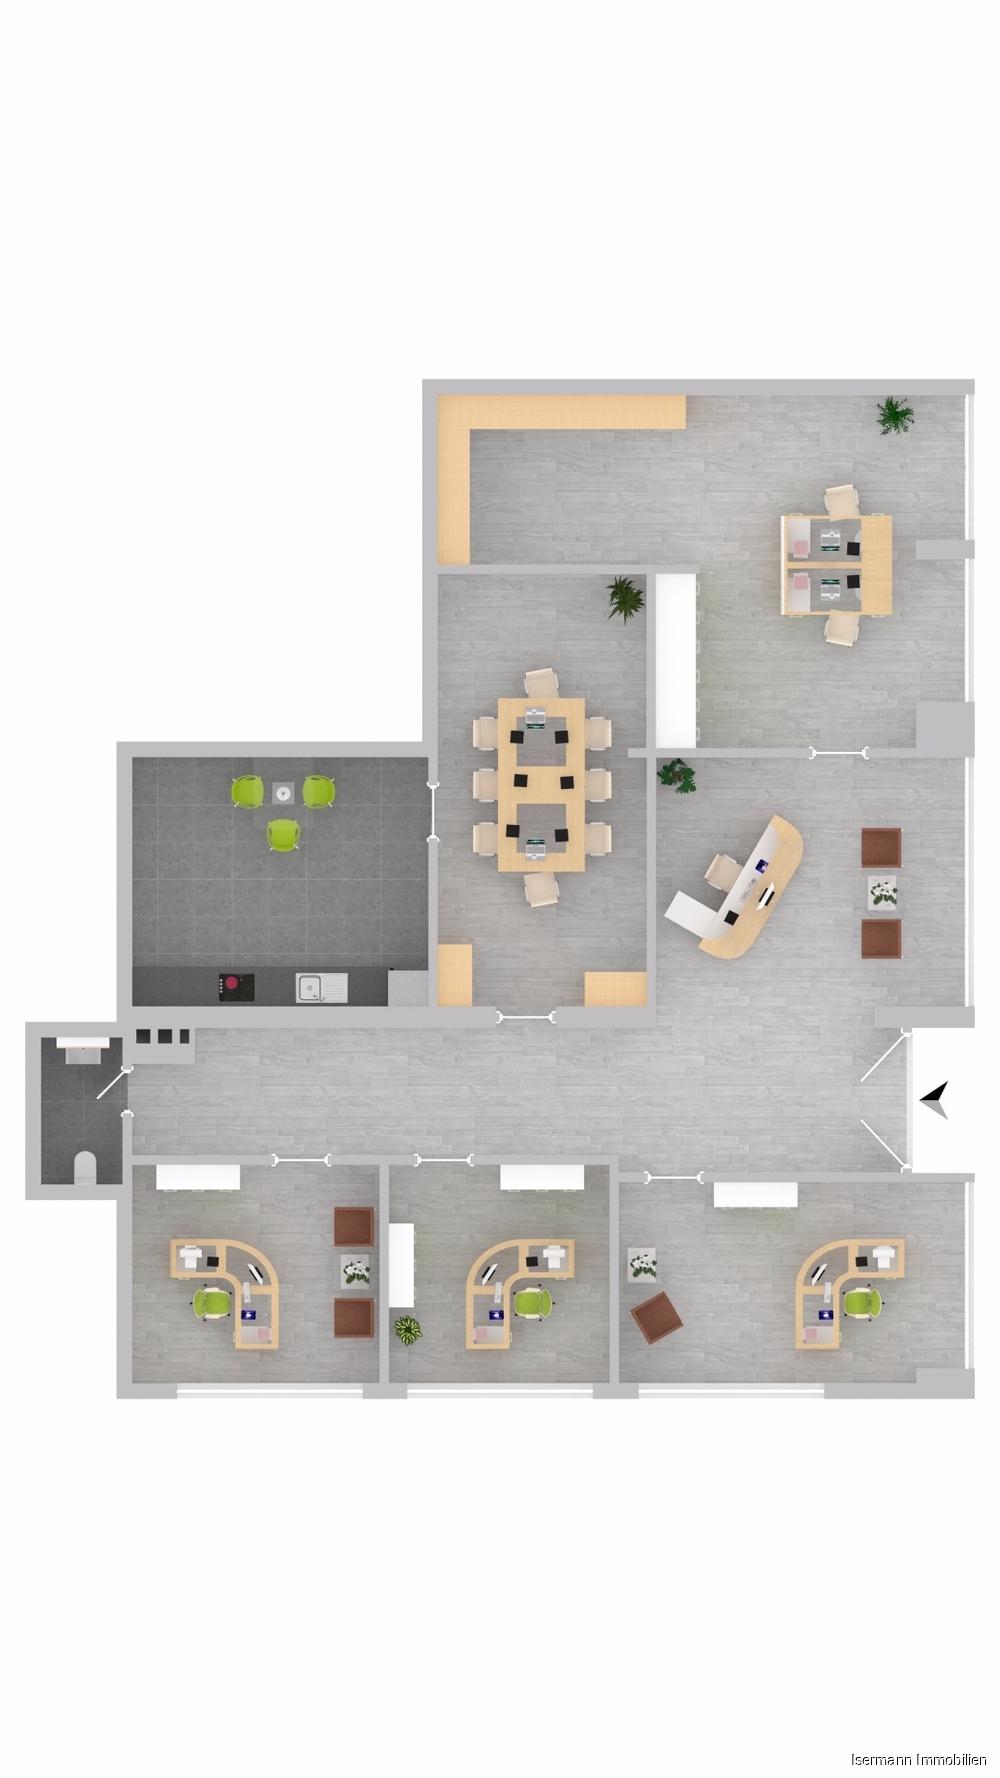 Grundriss-Beispiel für Büroflächen